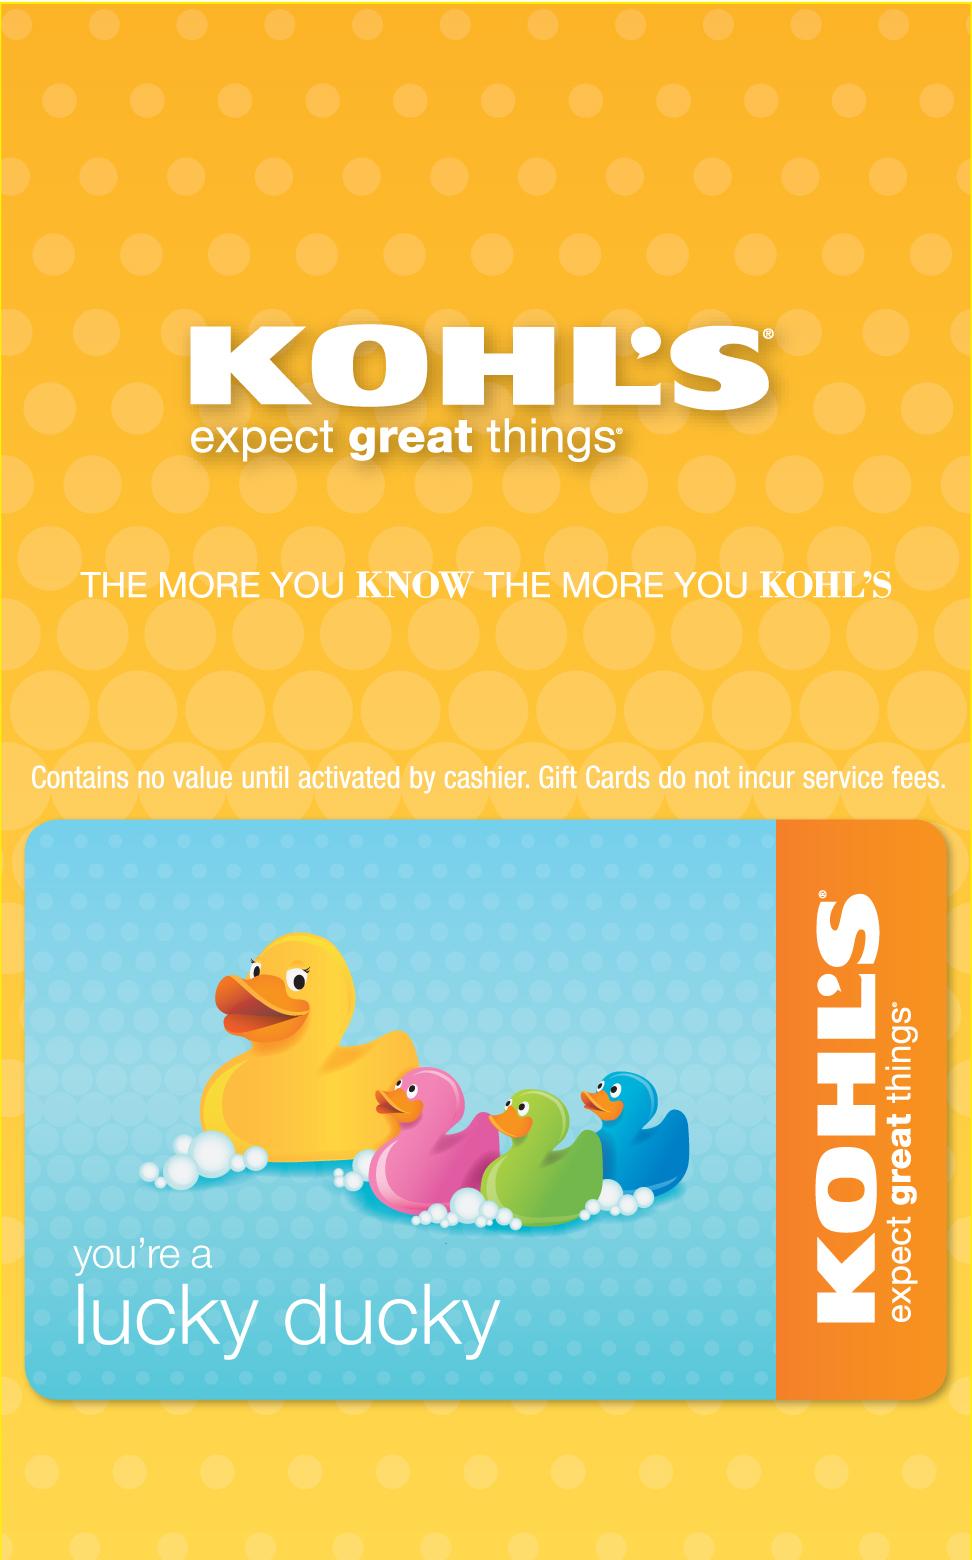 KohlsGC_3.jpg